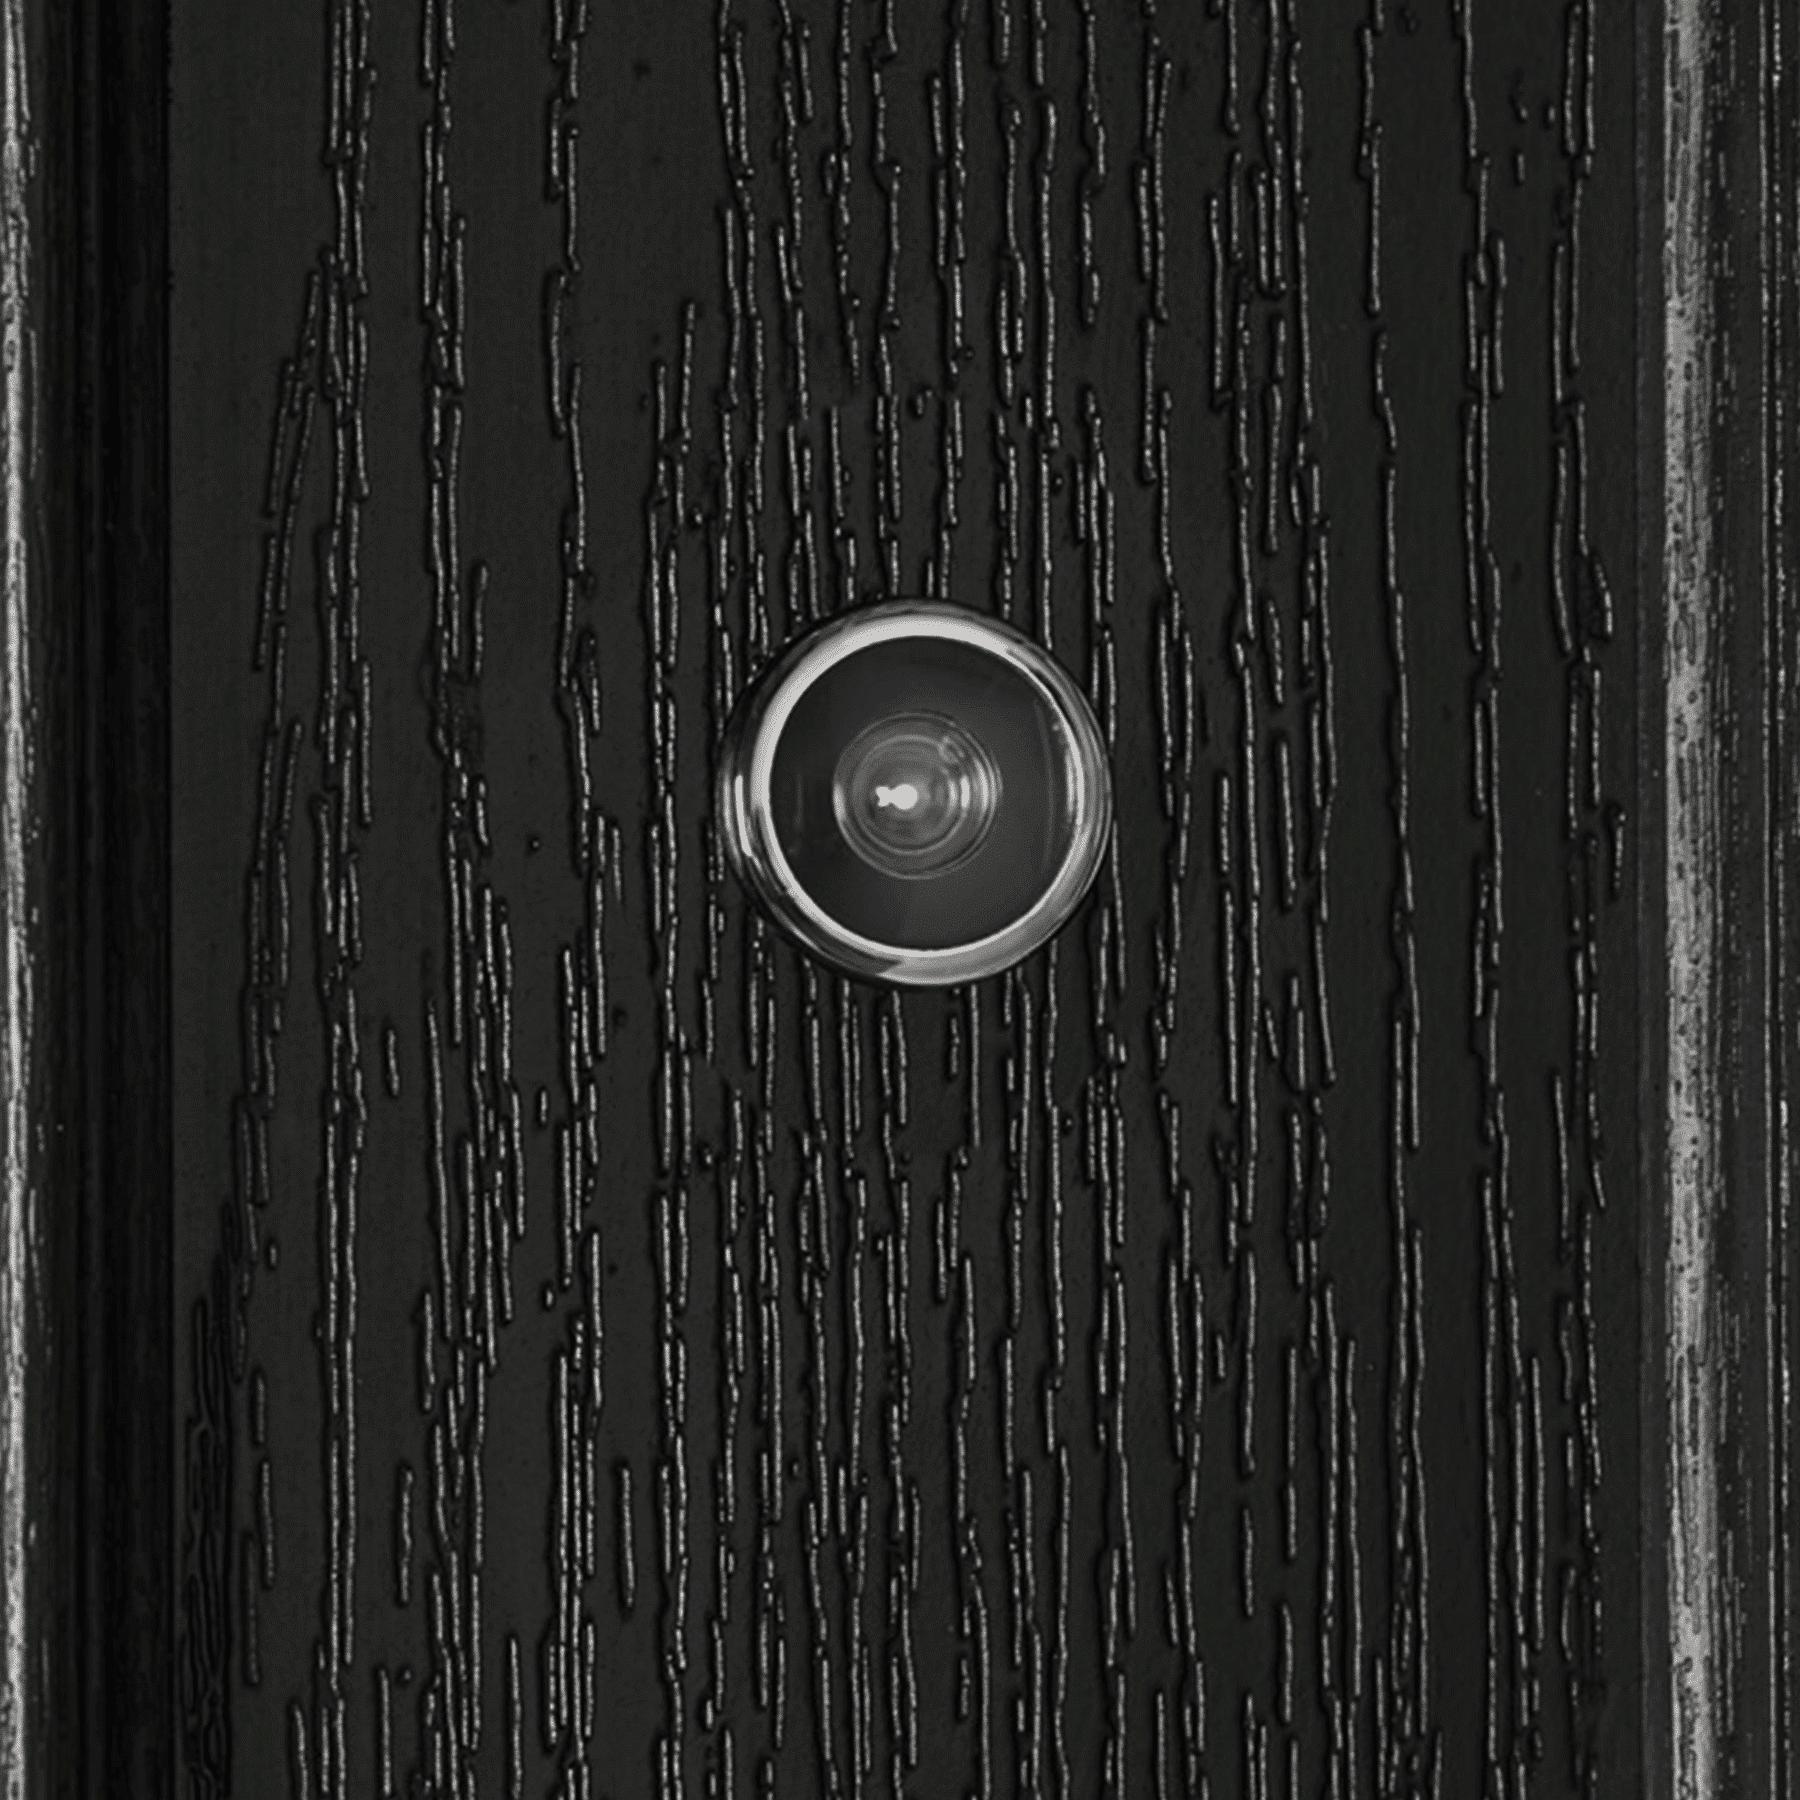 External Door Peephole